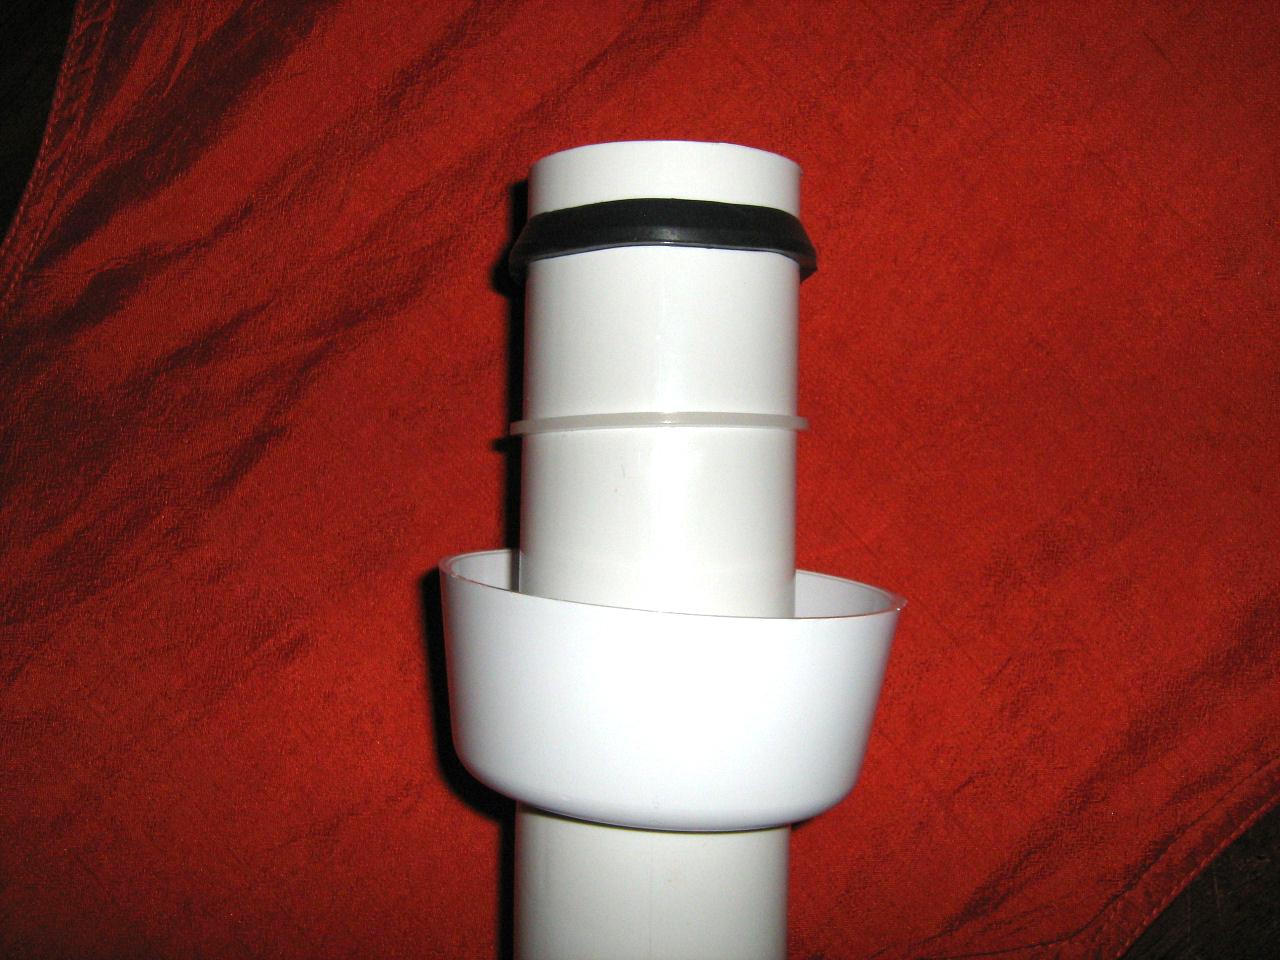 Vasca di scarico del water for Tubo di scarico pex